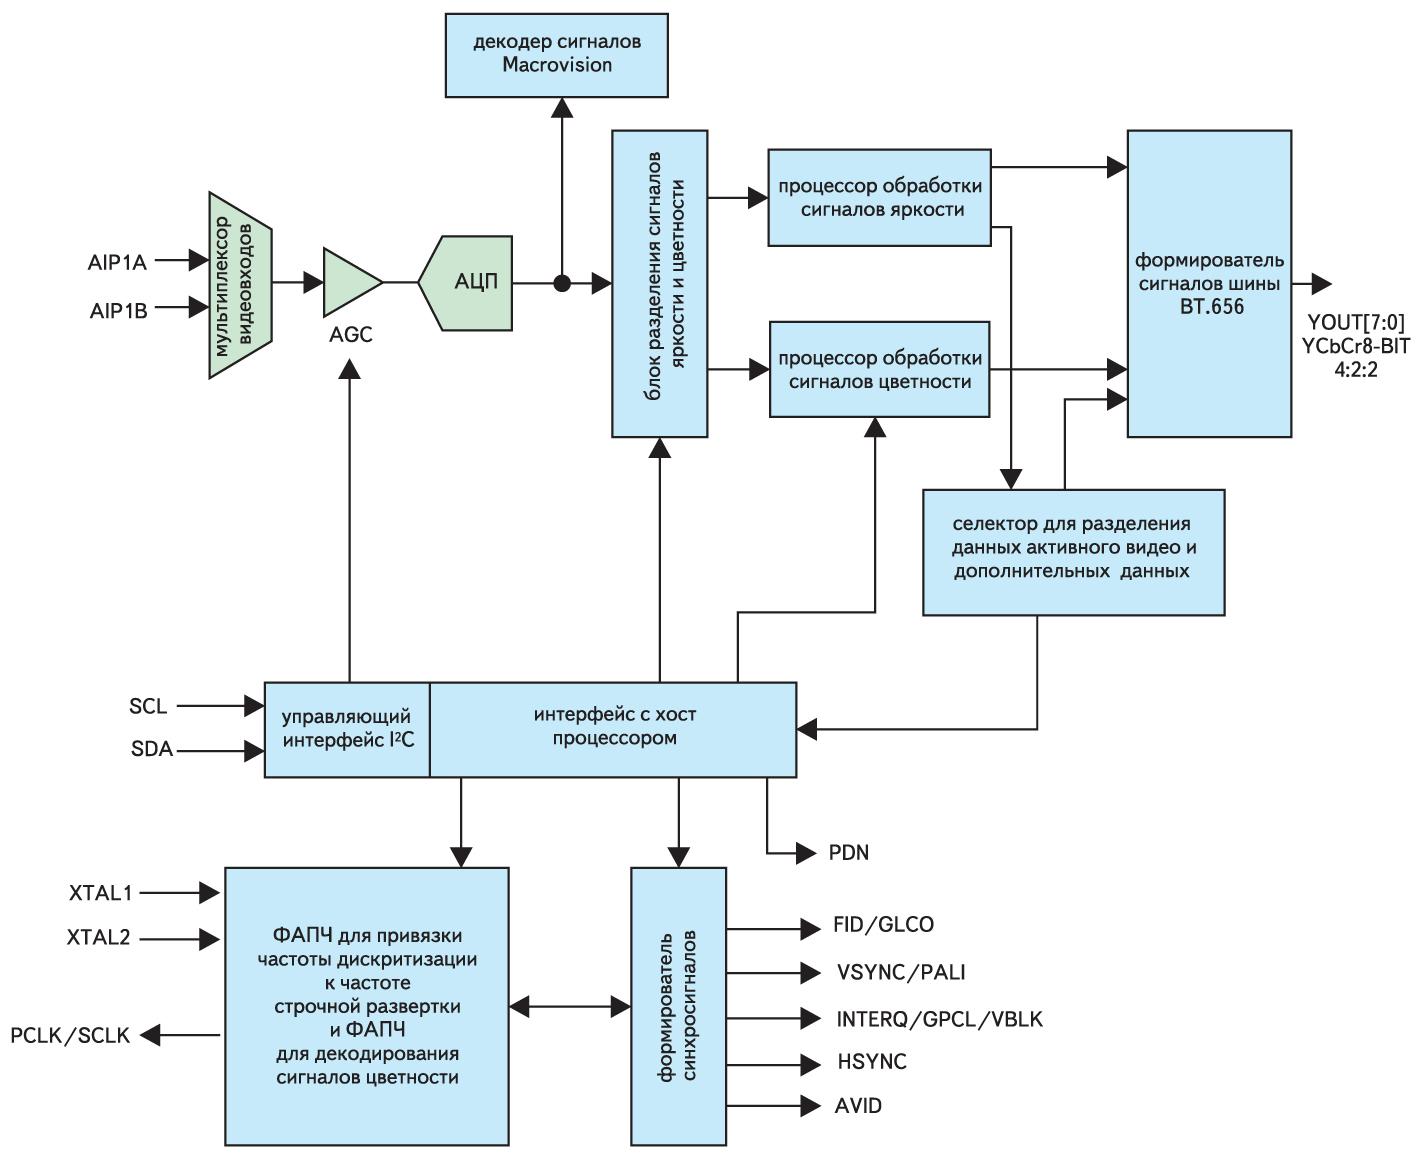 Структура микросхемы декодера TVP5150A